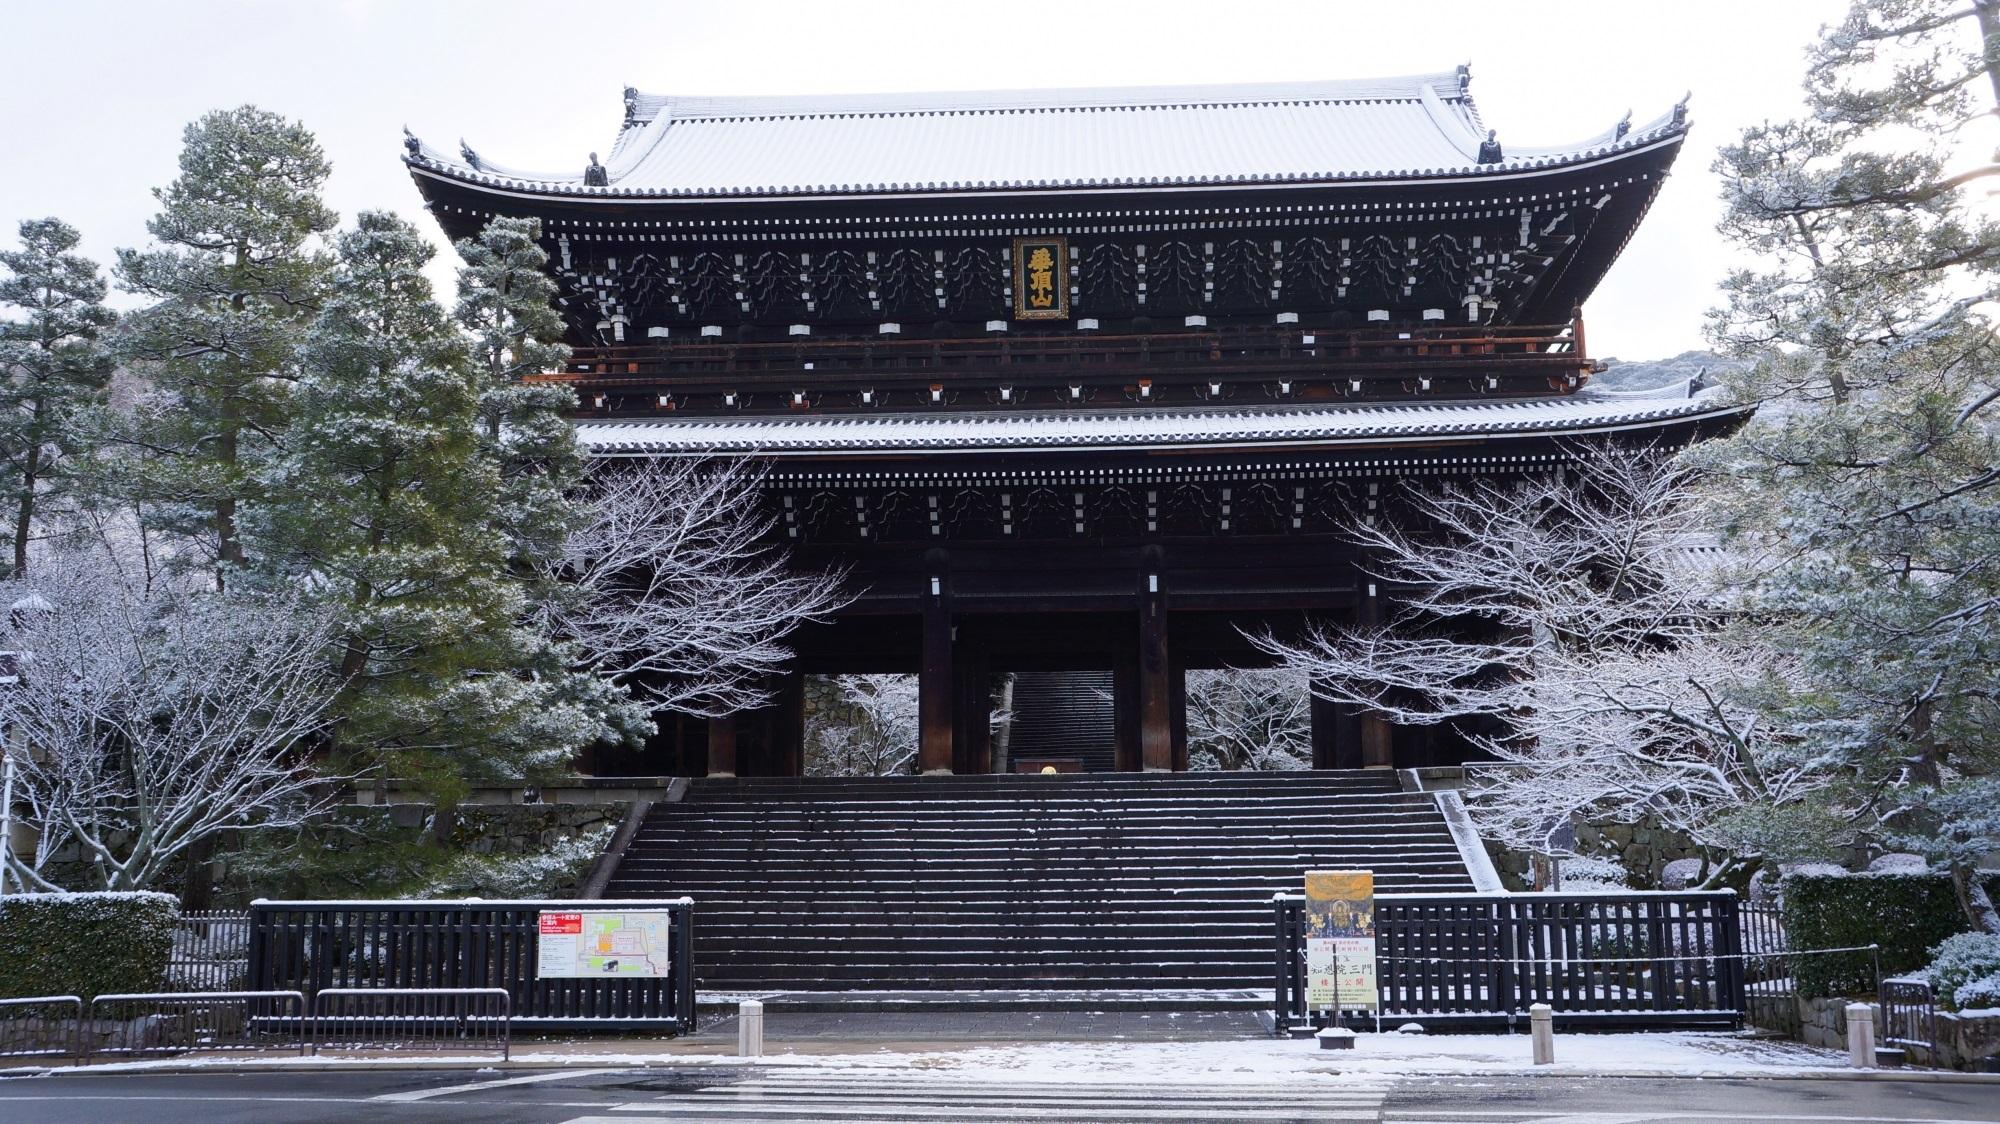 知恩院 雪 白く雪化粧された巨大な三門